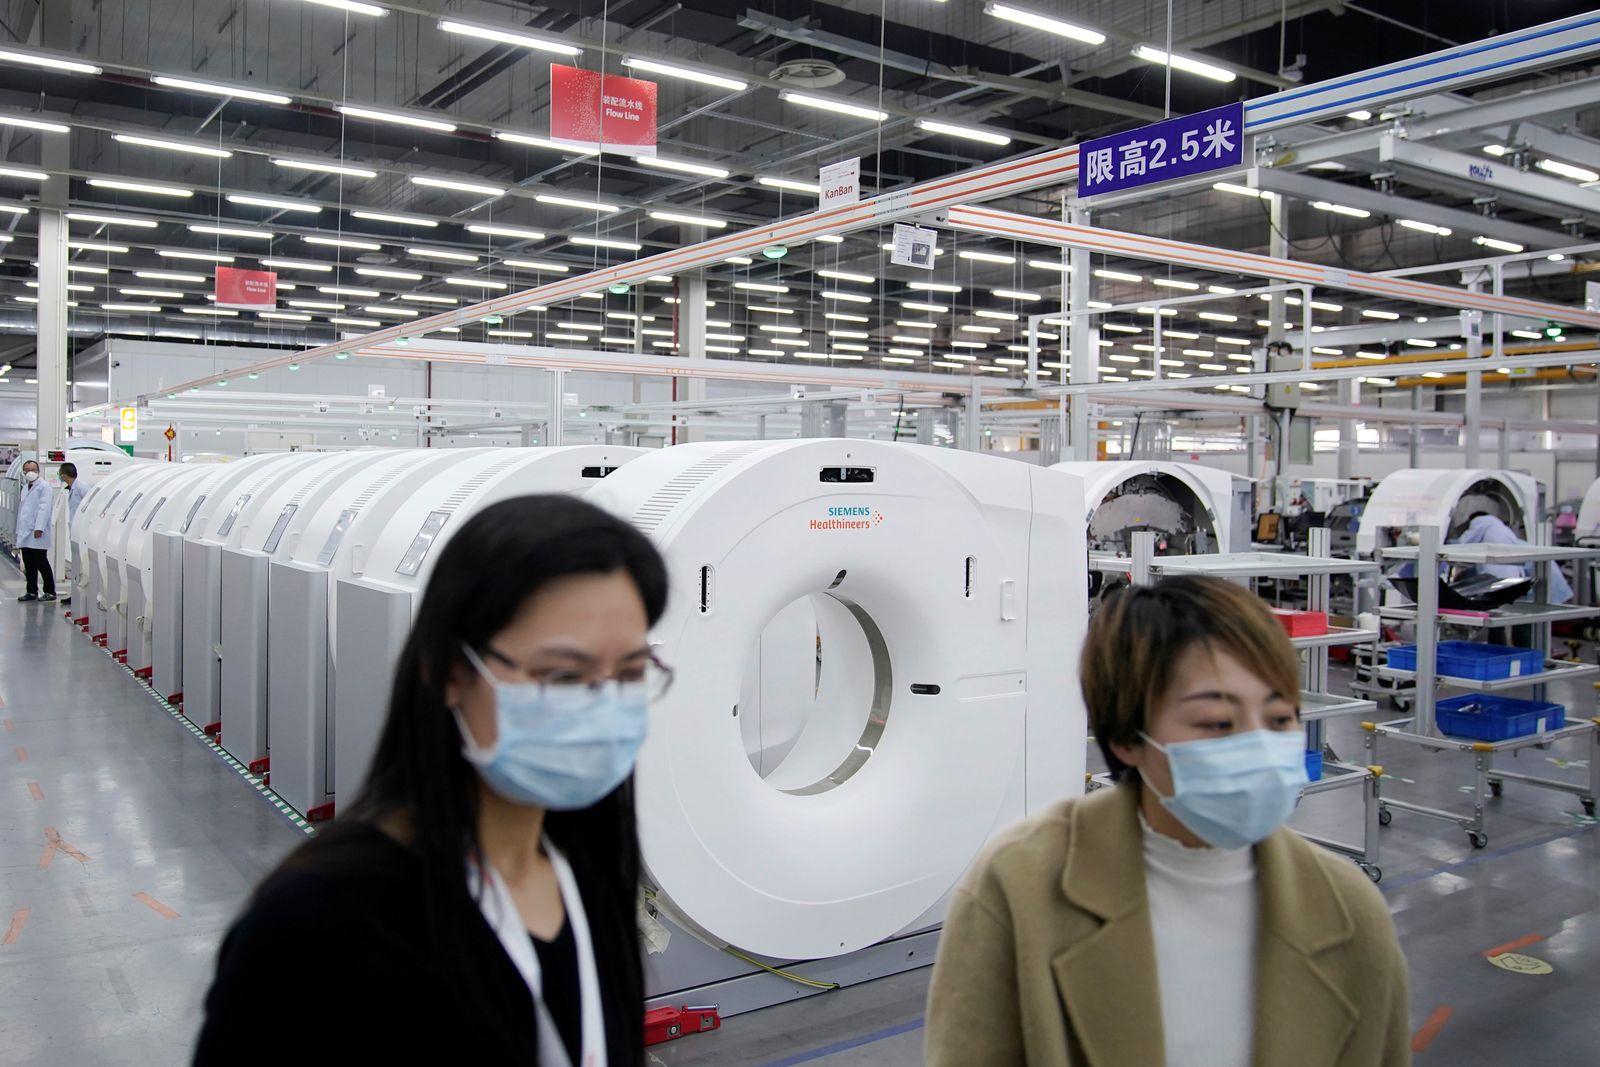 China Siemens